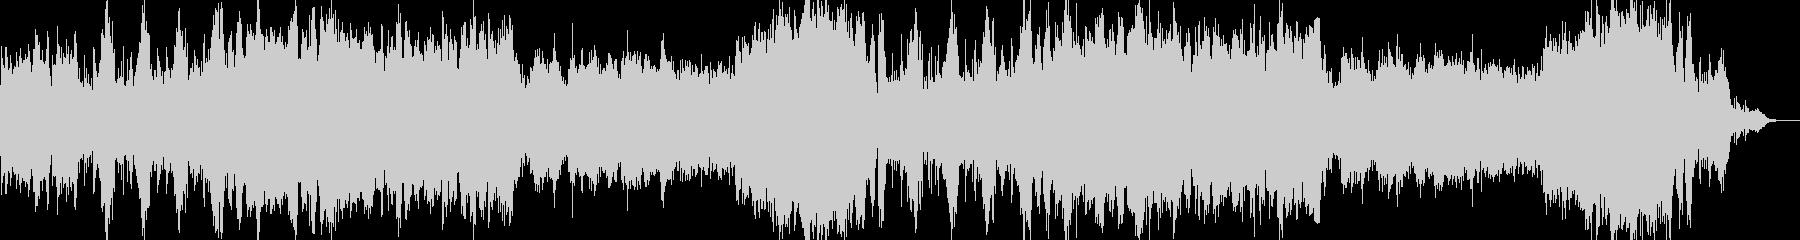 ゲームのバトルのようなオーケストラ曲の未再生の波形